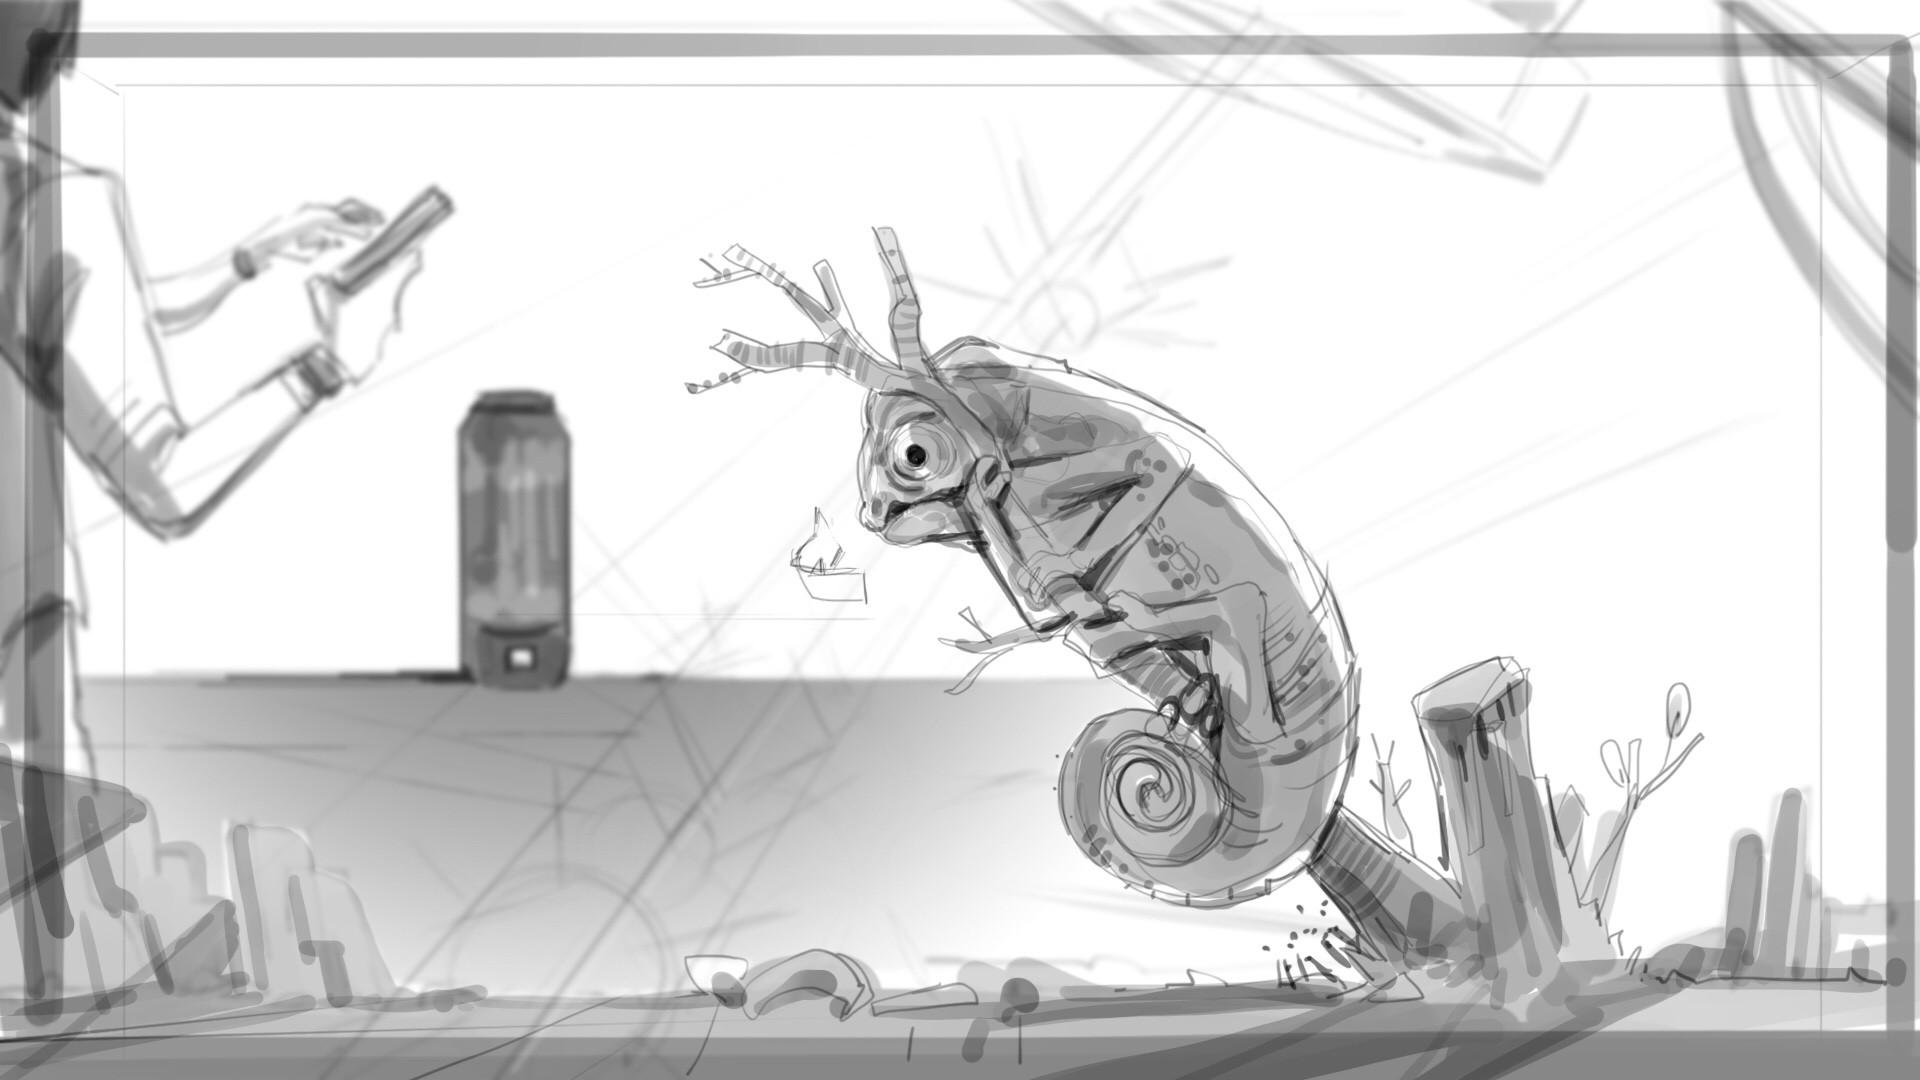 ArtStation - JBL Pulse 3 spot storyboard, Syd Fini